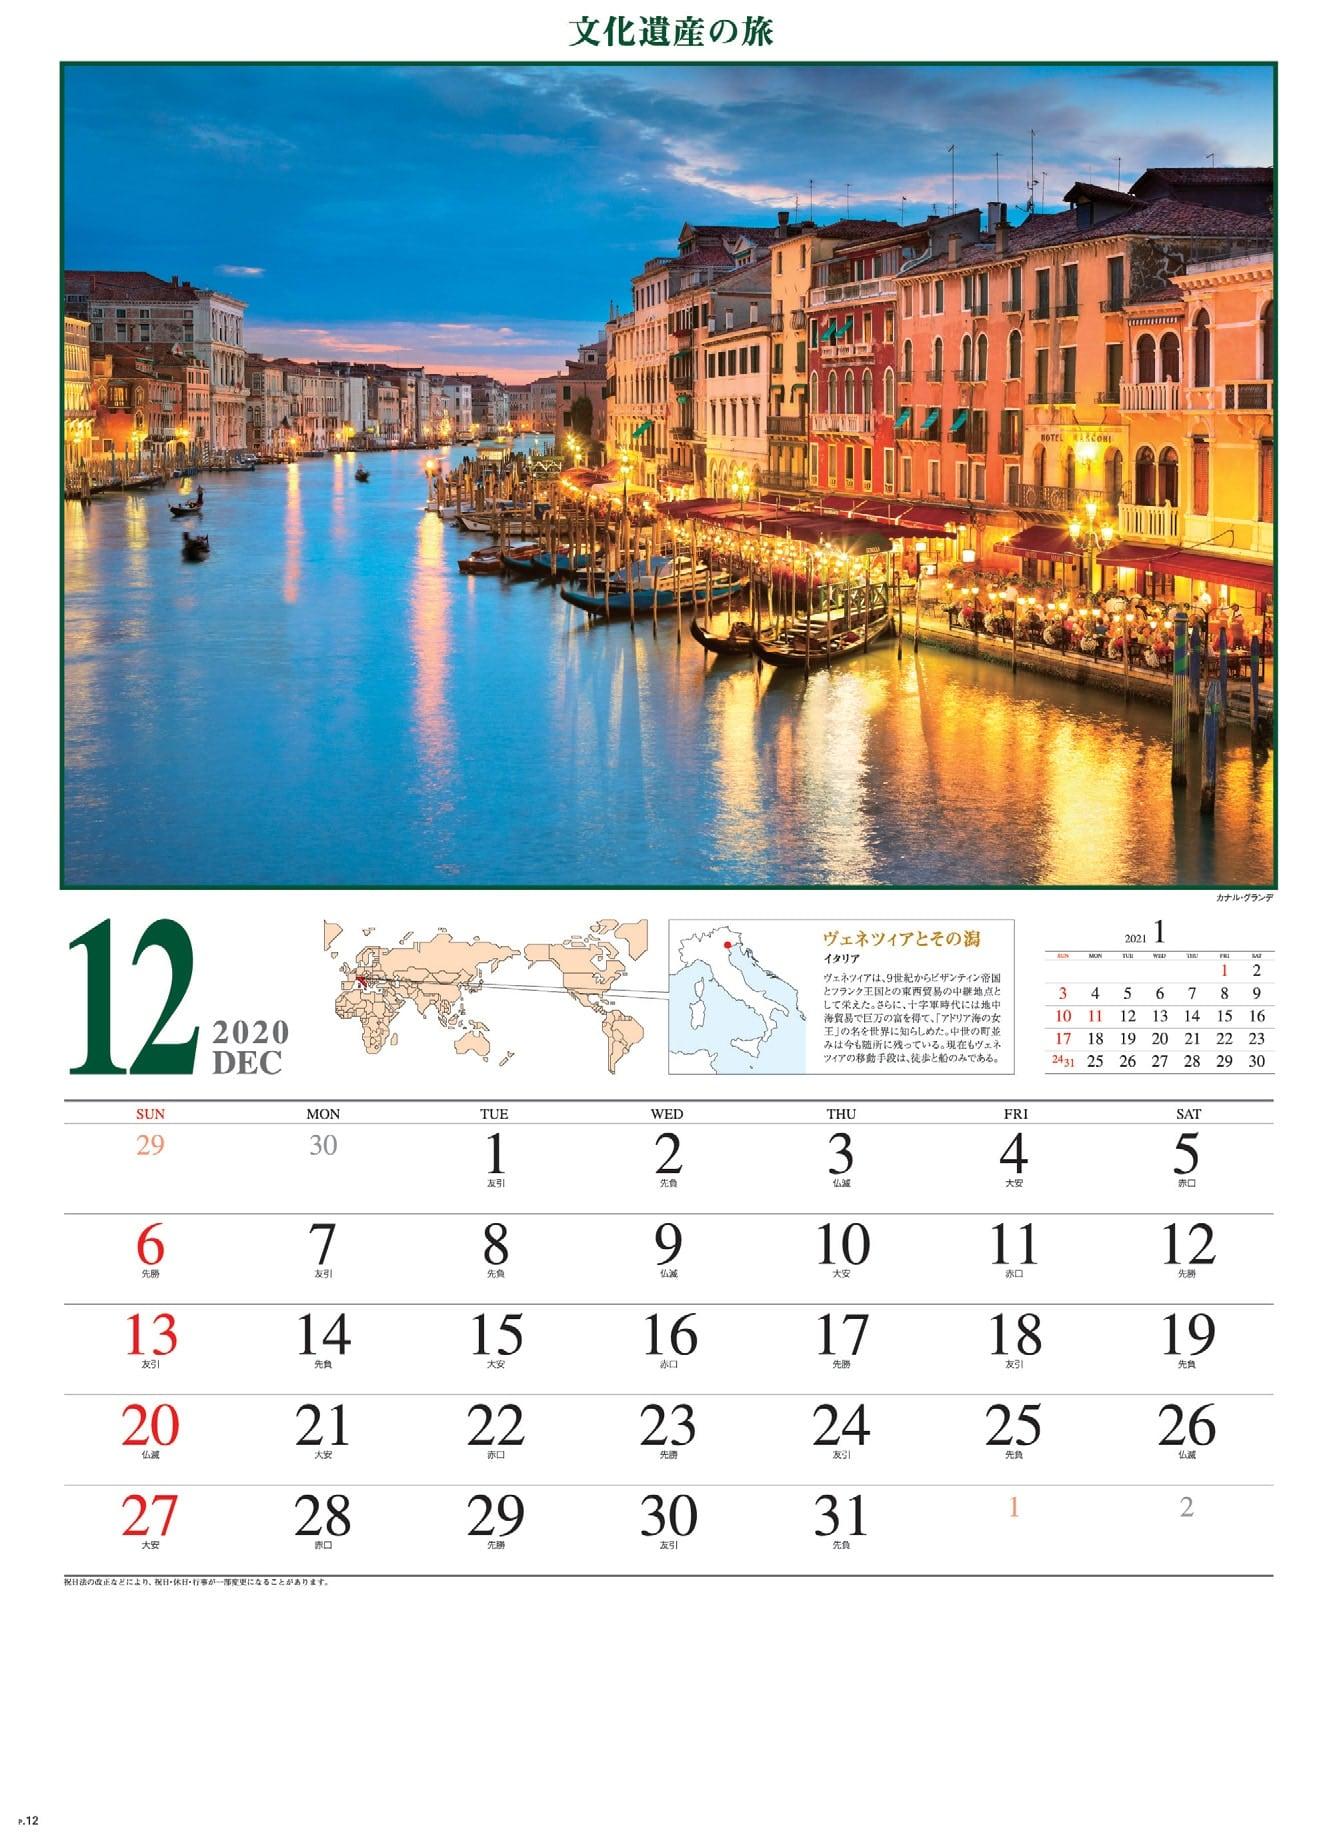 画像:カナル・グランデ(イタリア) 文化遺産の旅(ユネスコ世界遺産) 2020年カレンダー